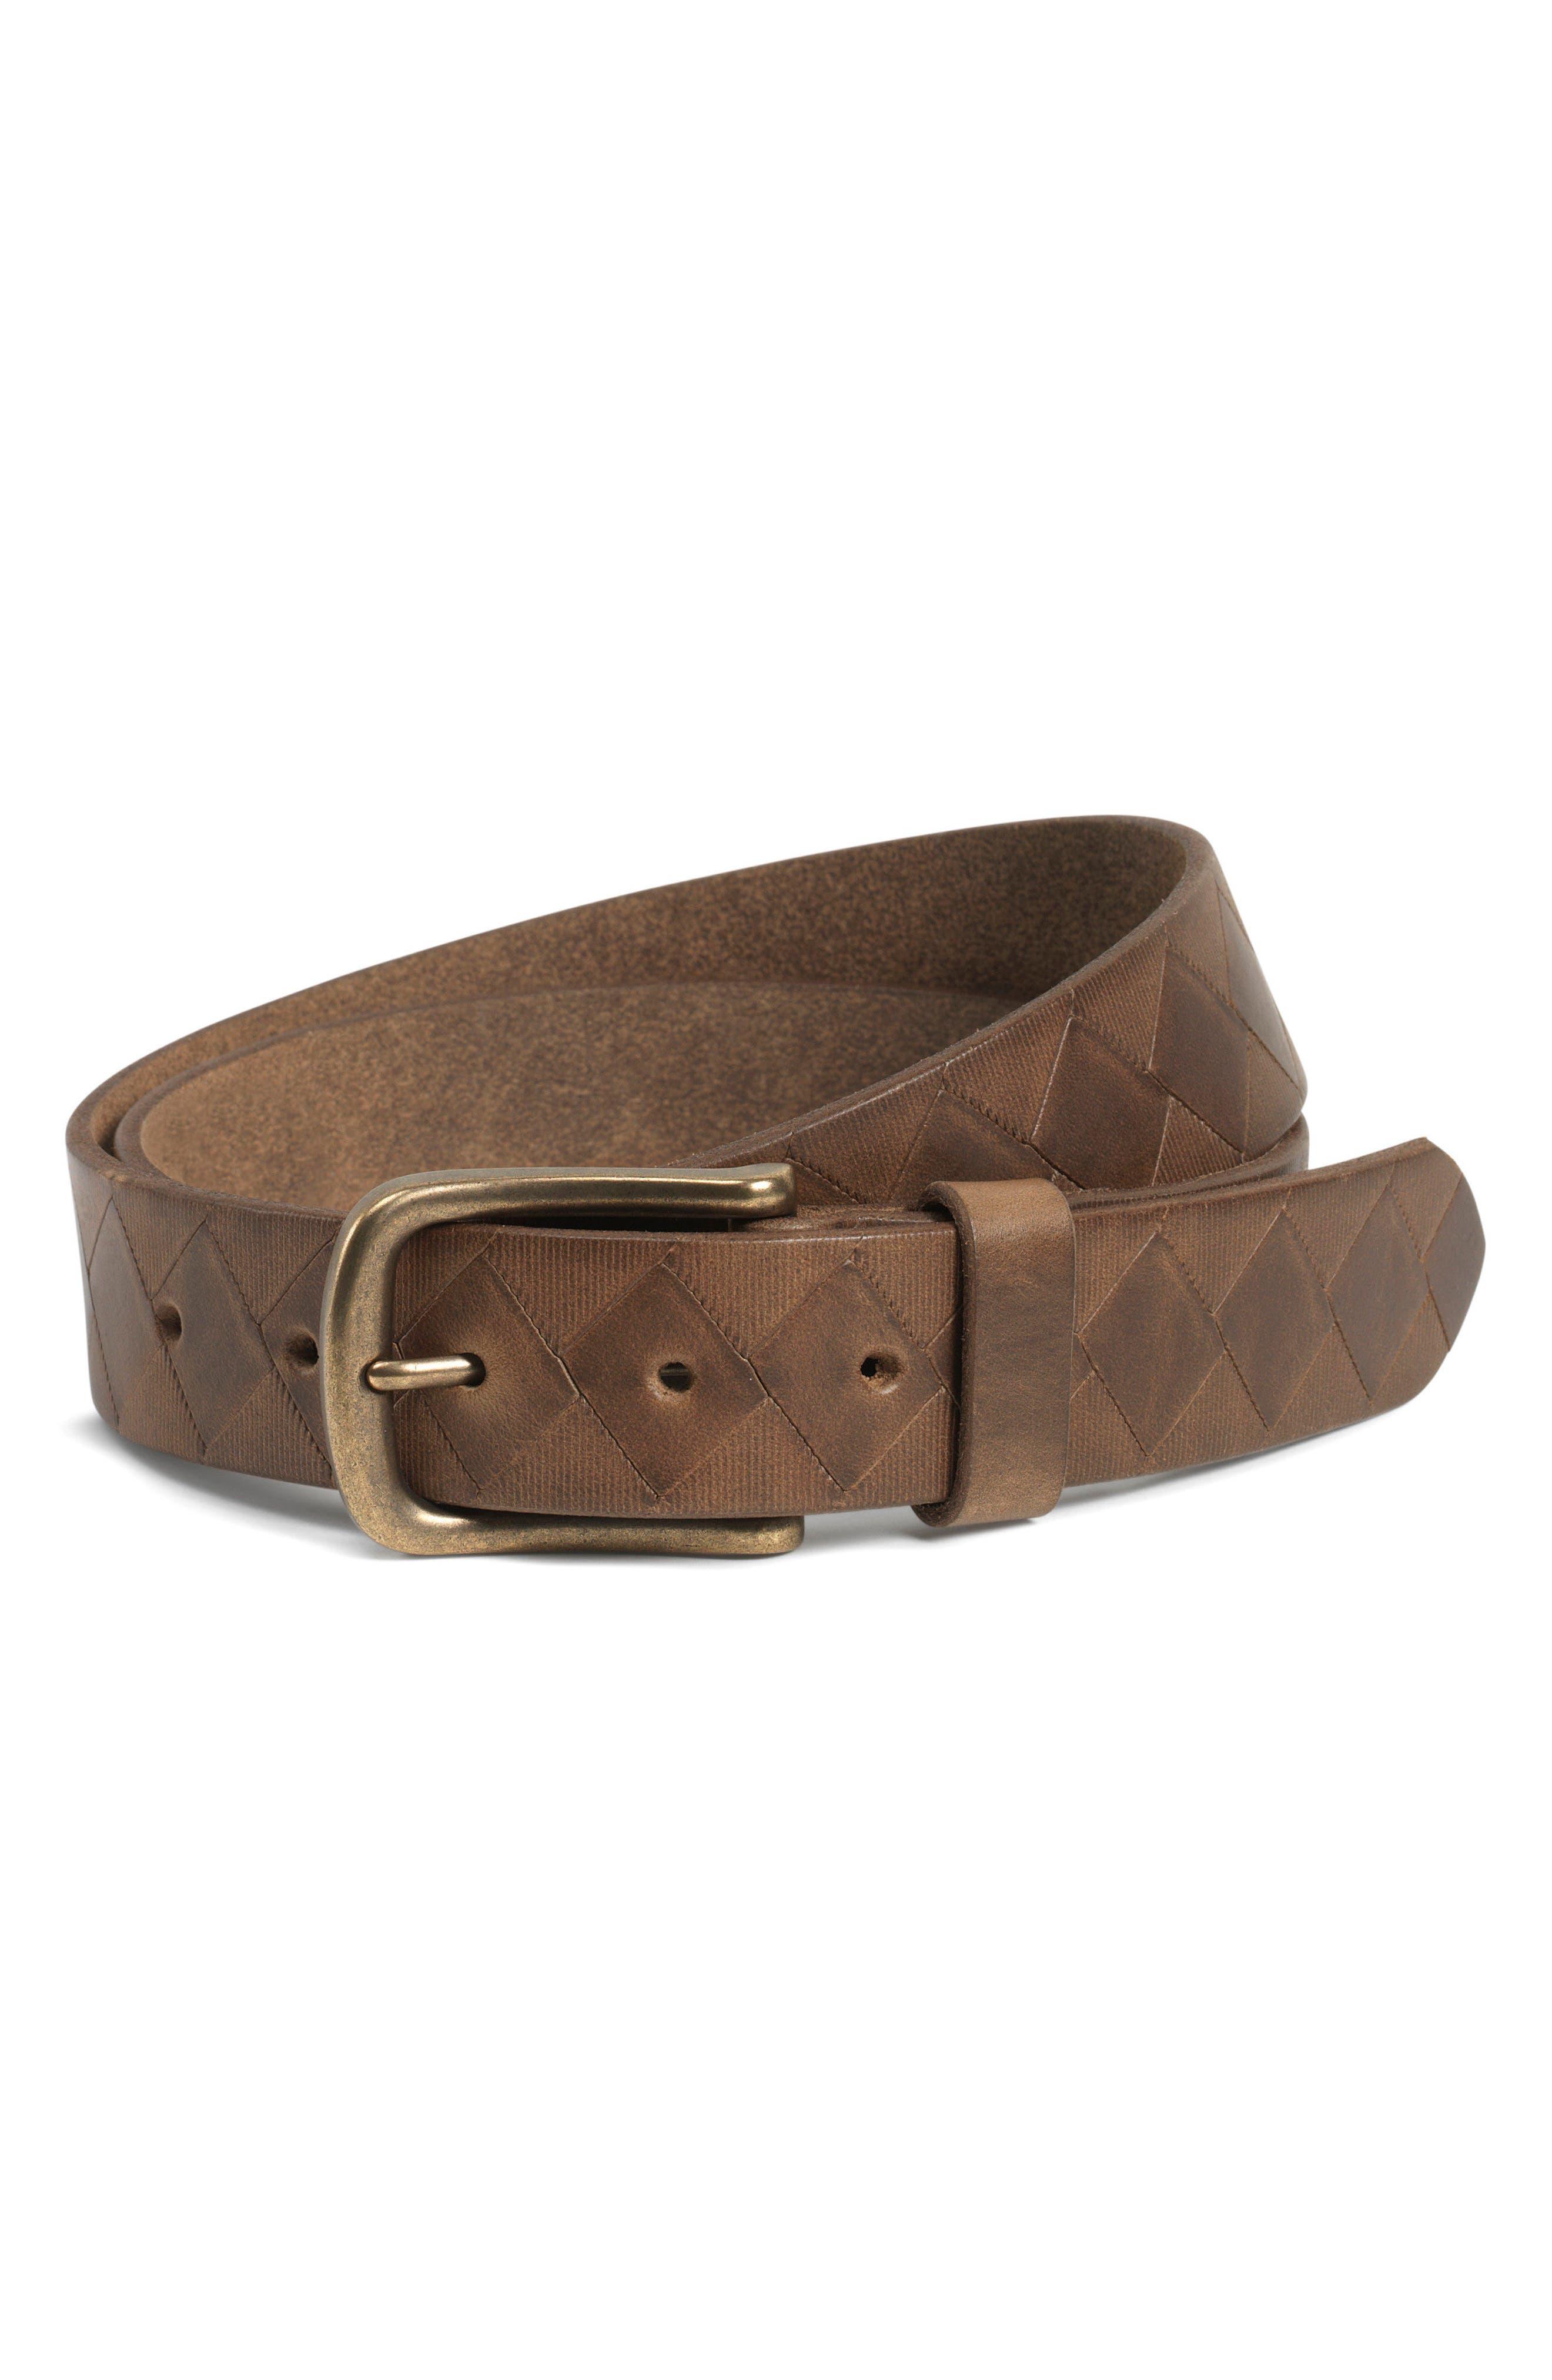 Douglas Leather Belt,                             Main thumbnail 1, color,                             Brown